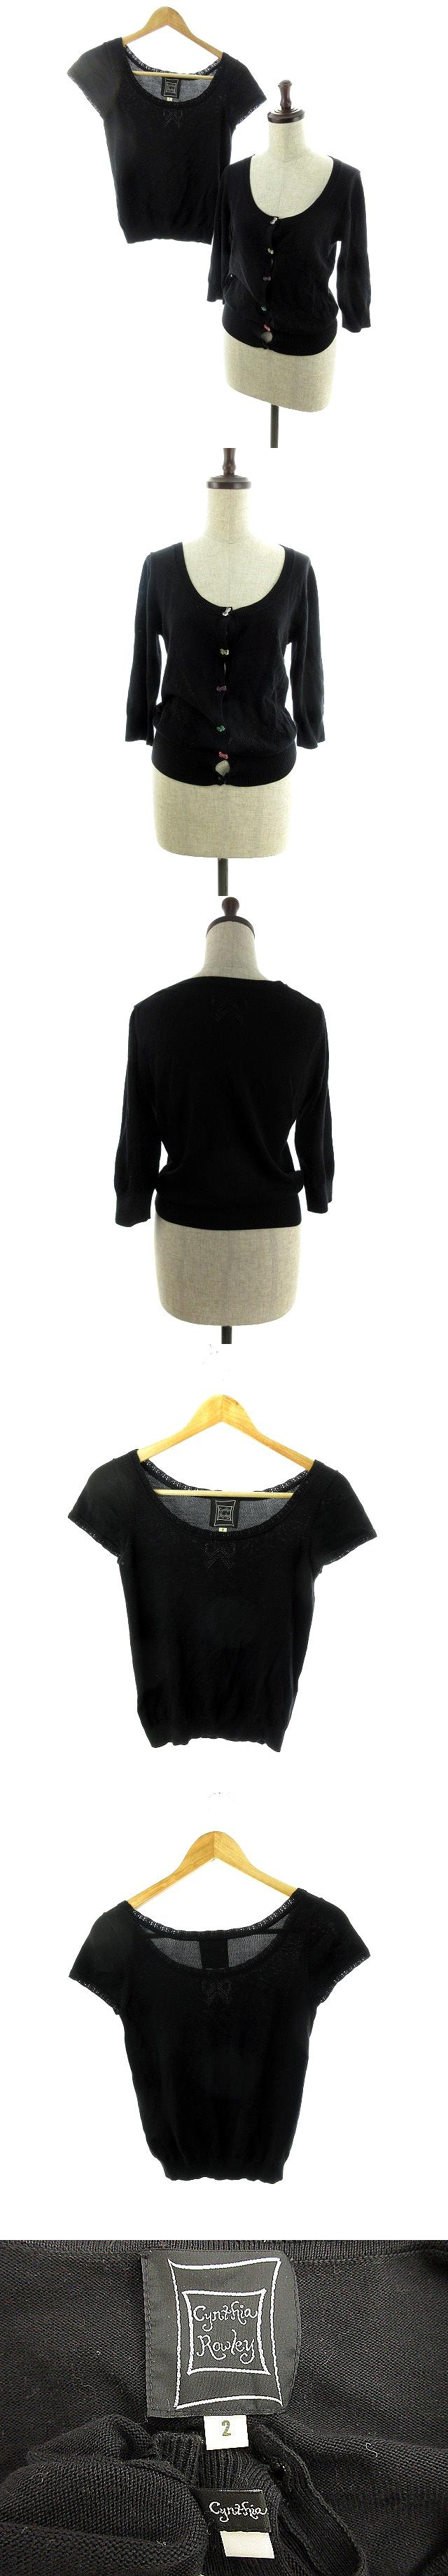 アンサンブル ニット カーディガン 七分袖 カットソー 半袖 リボン 2 黒 ブラック /MO